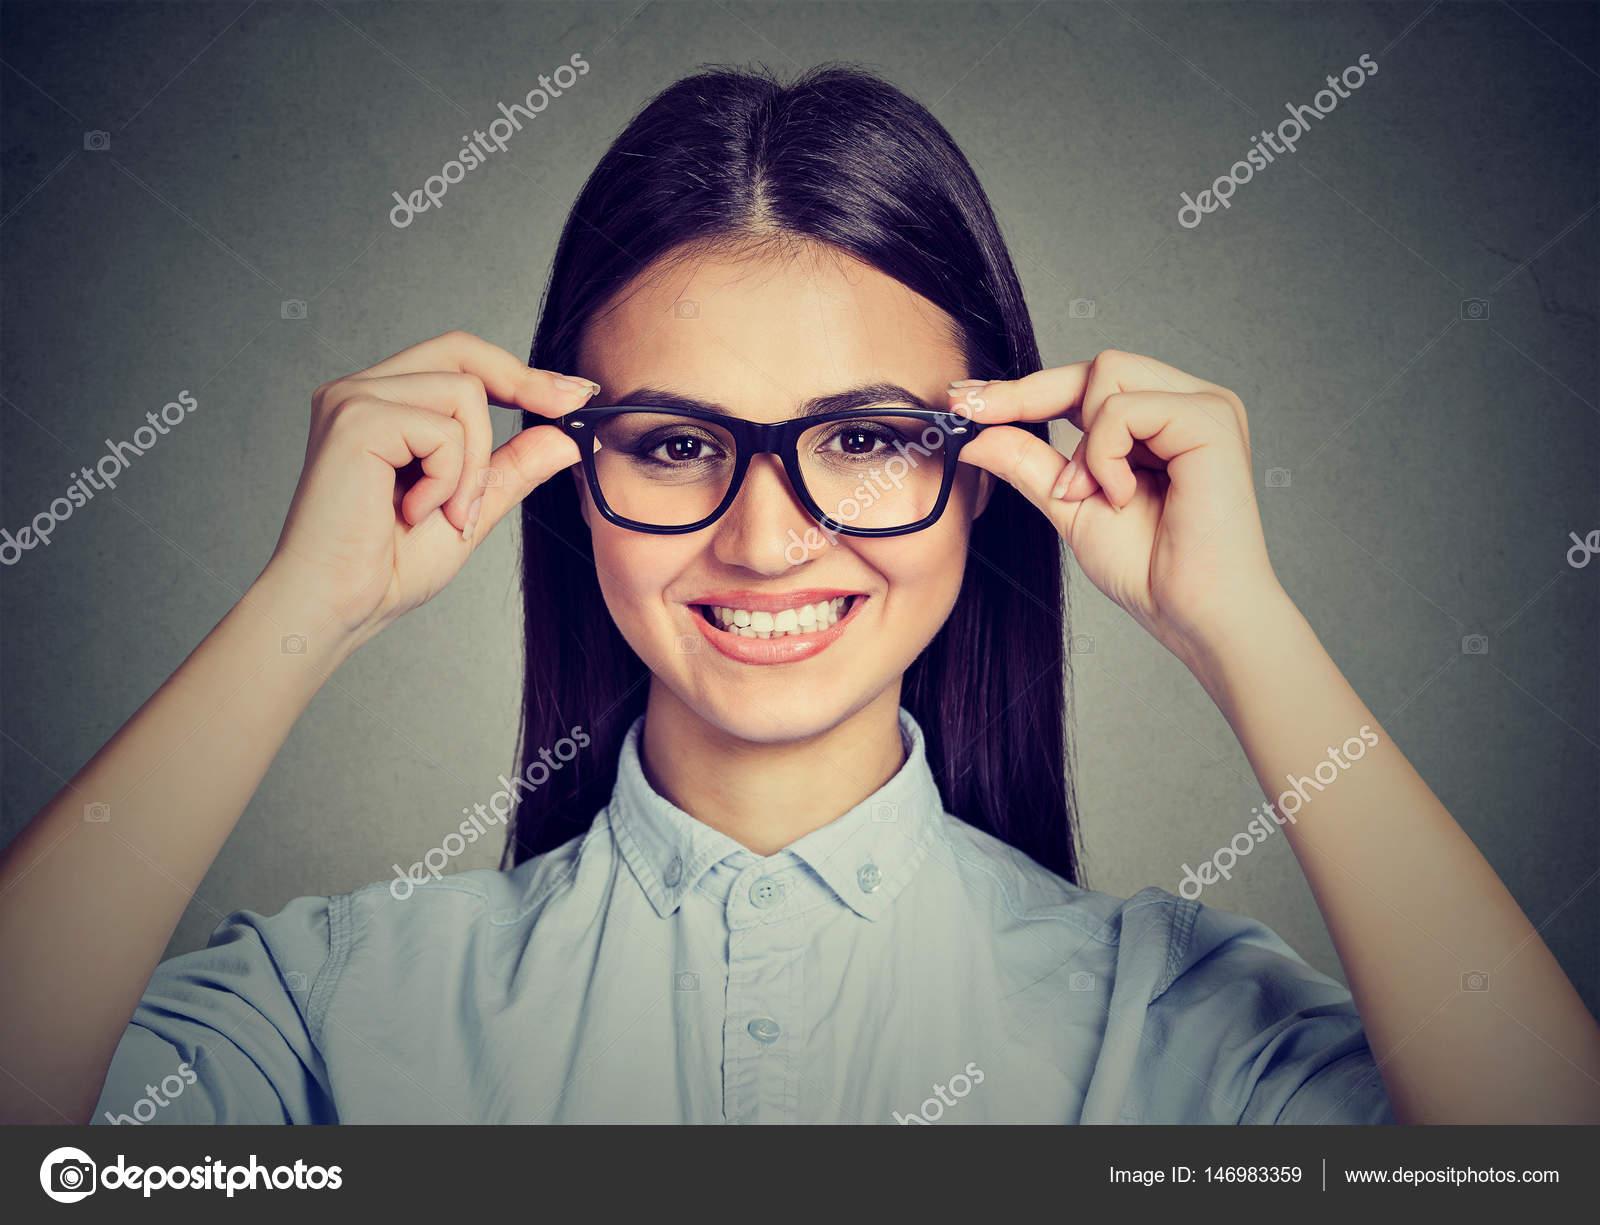 Güzel gülümseme - başarının anahtarı